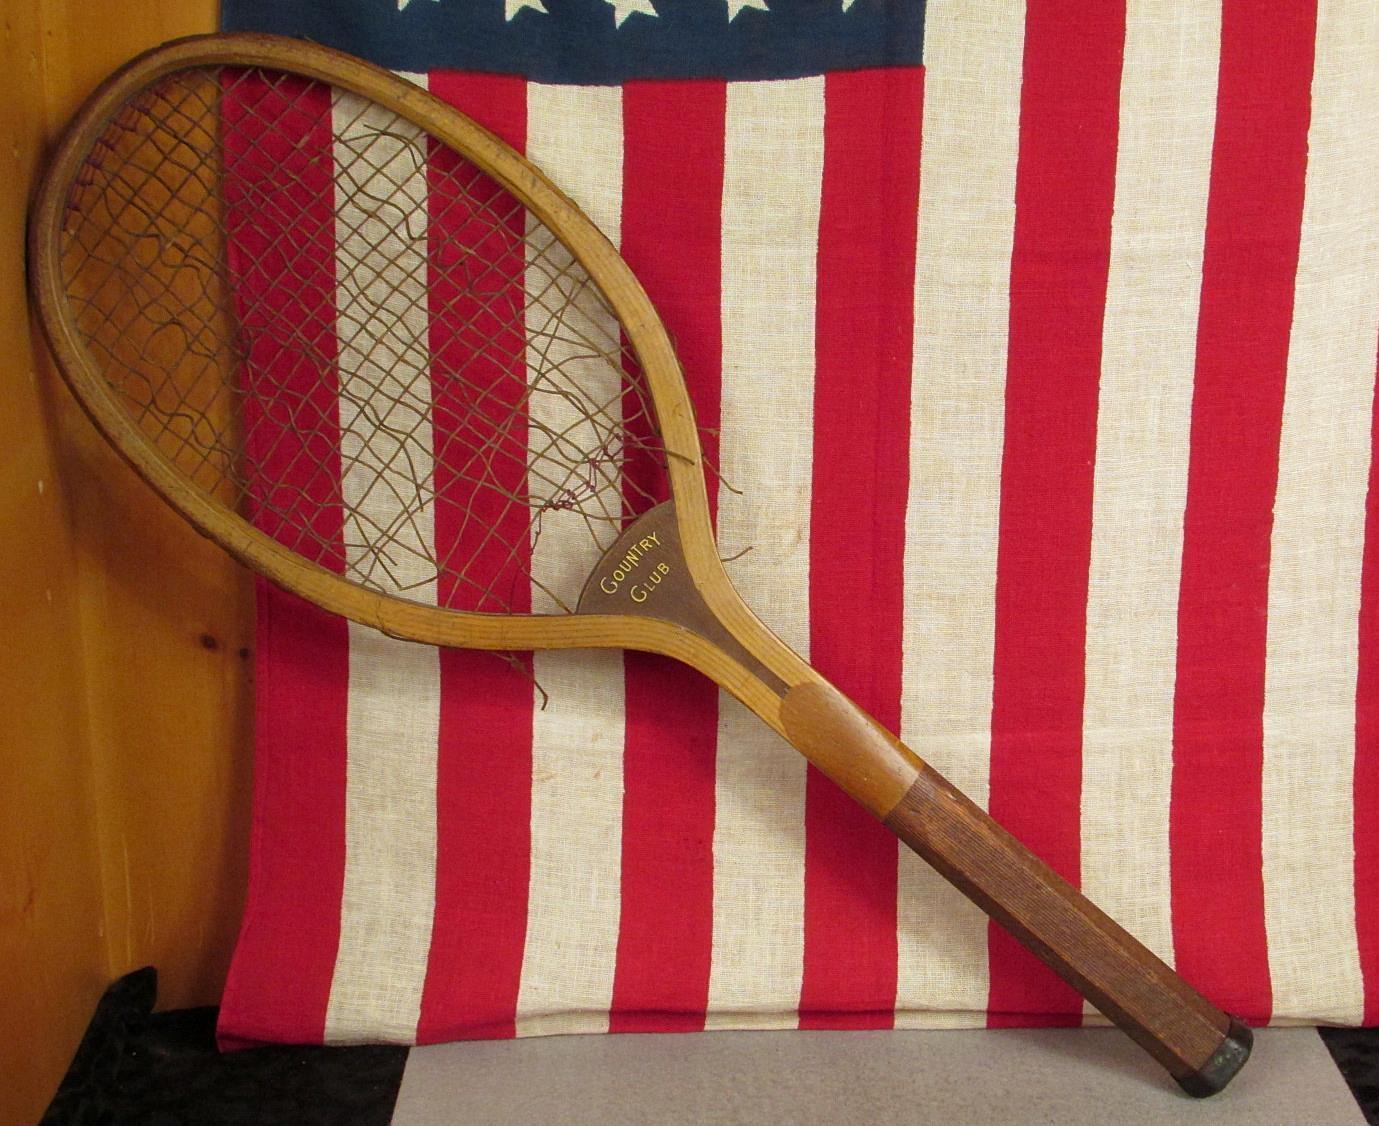 Vintage 1920s Wright & Ditson Antik Holz Holz Holz Tennisschläger Country Club Anzeige ebd8e9